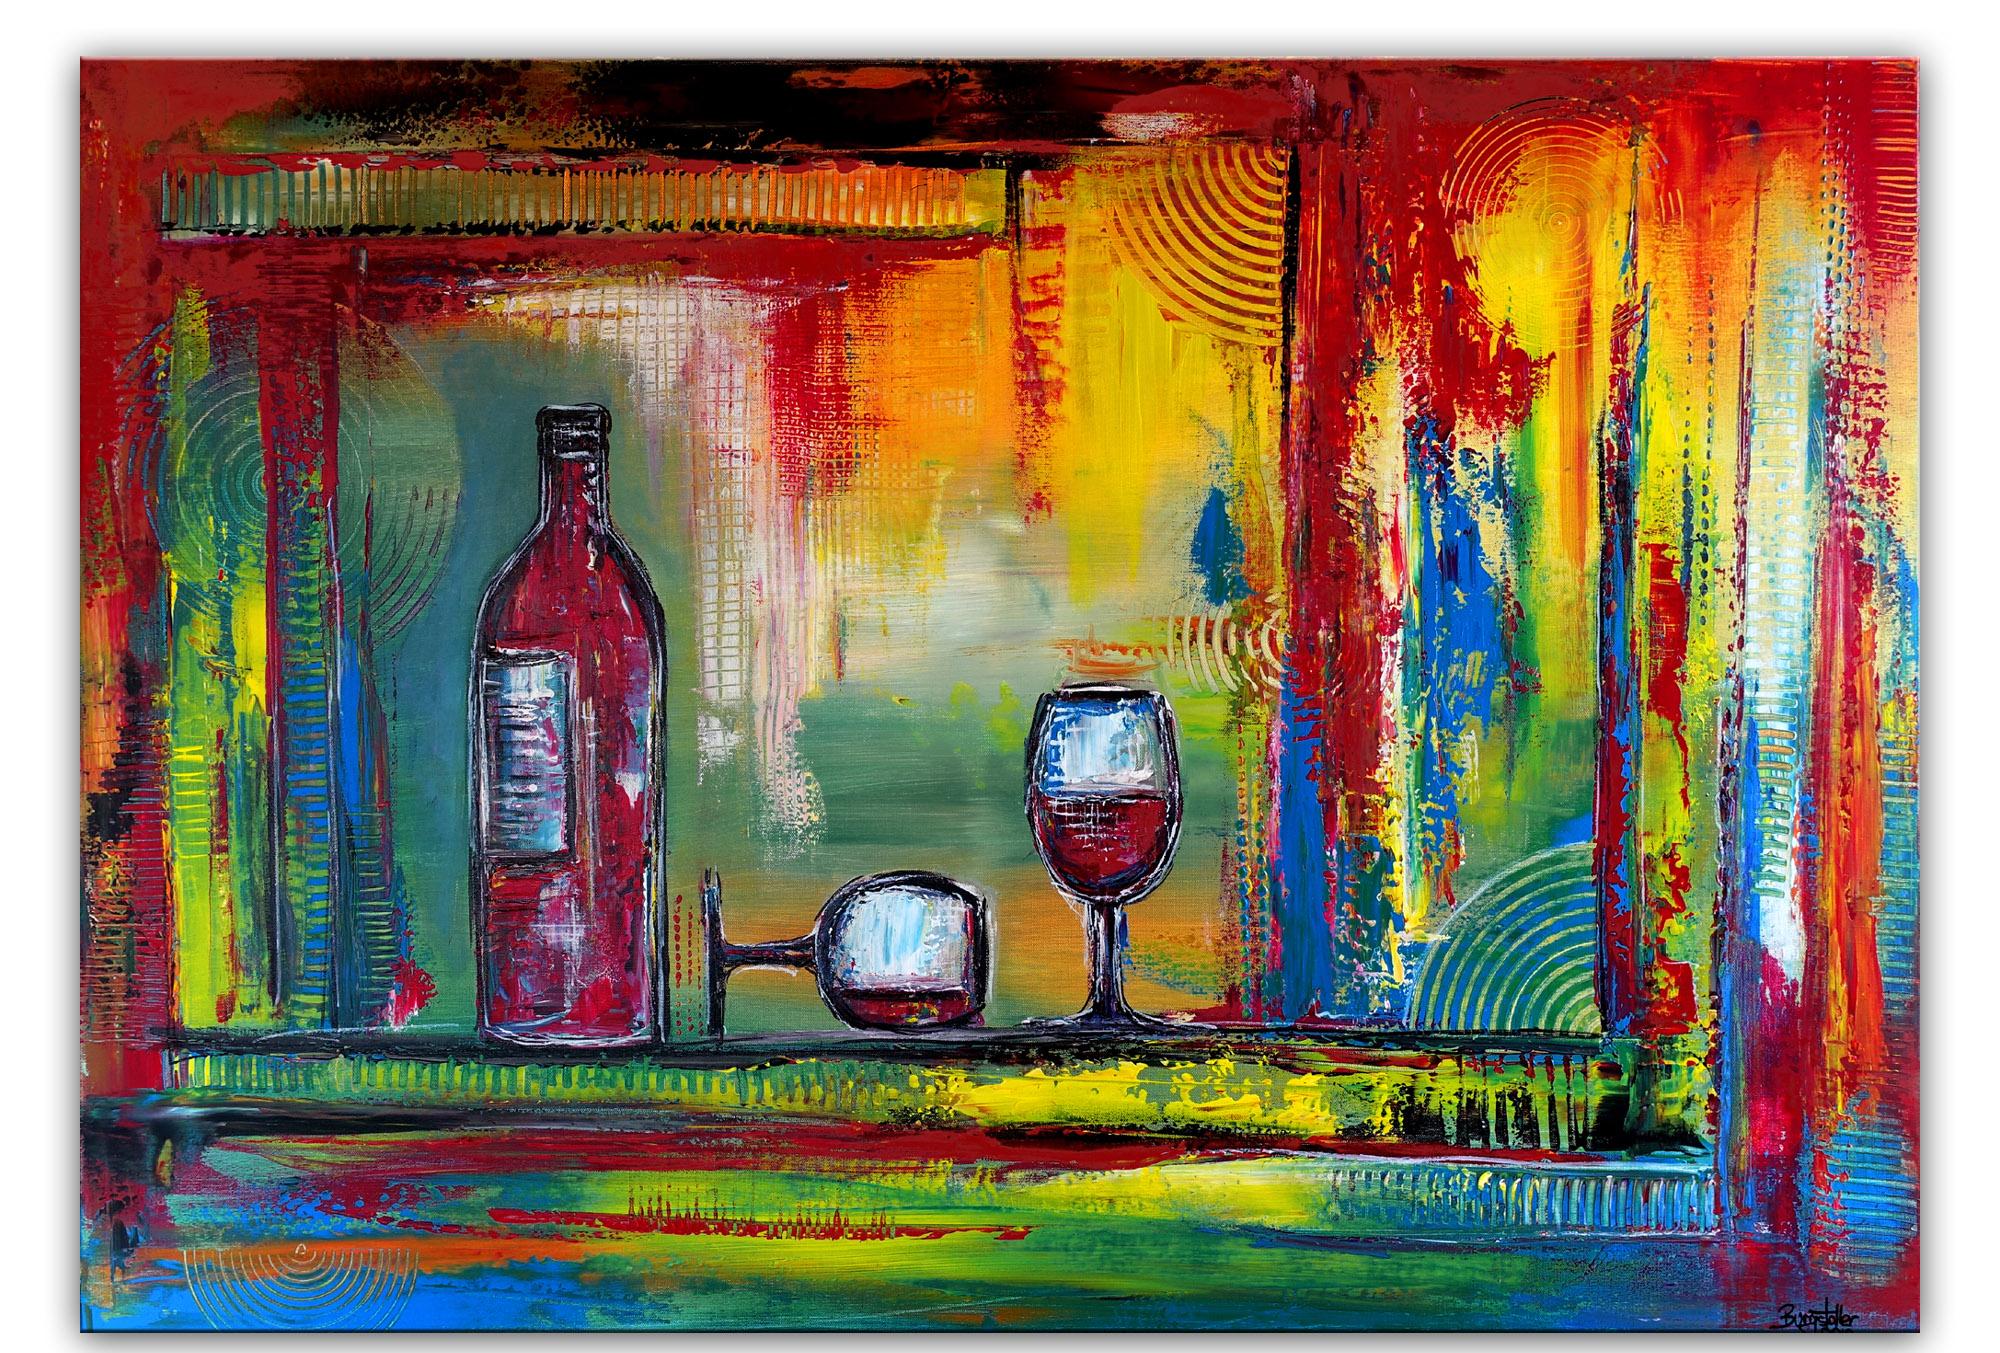 Weingläser 3 Wein Flasche handgemalt abstrakt original gemälde acrylbild wandbild küche - Kopie 70x100